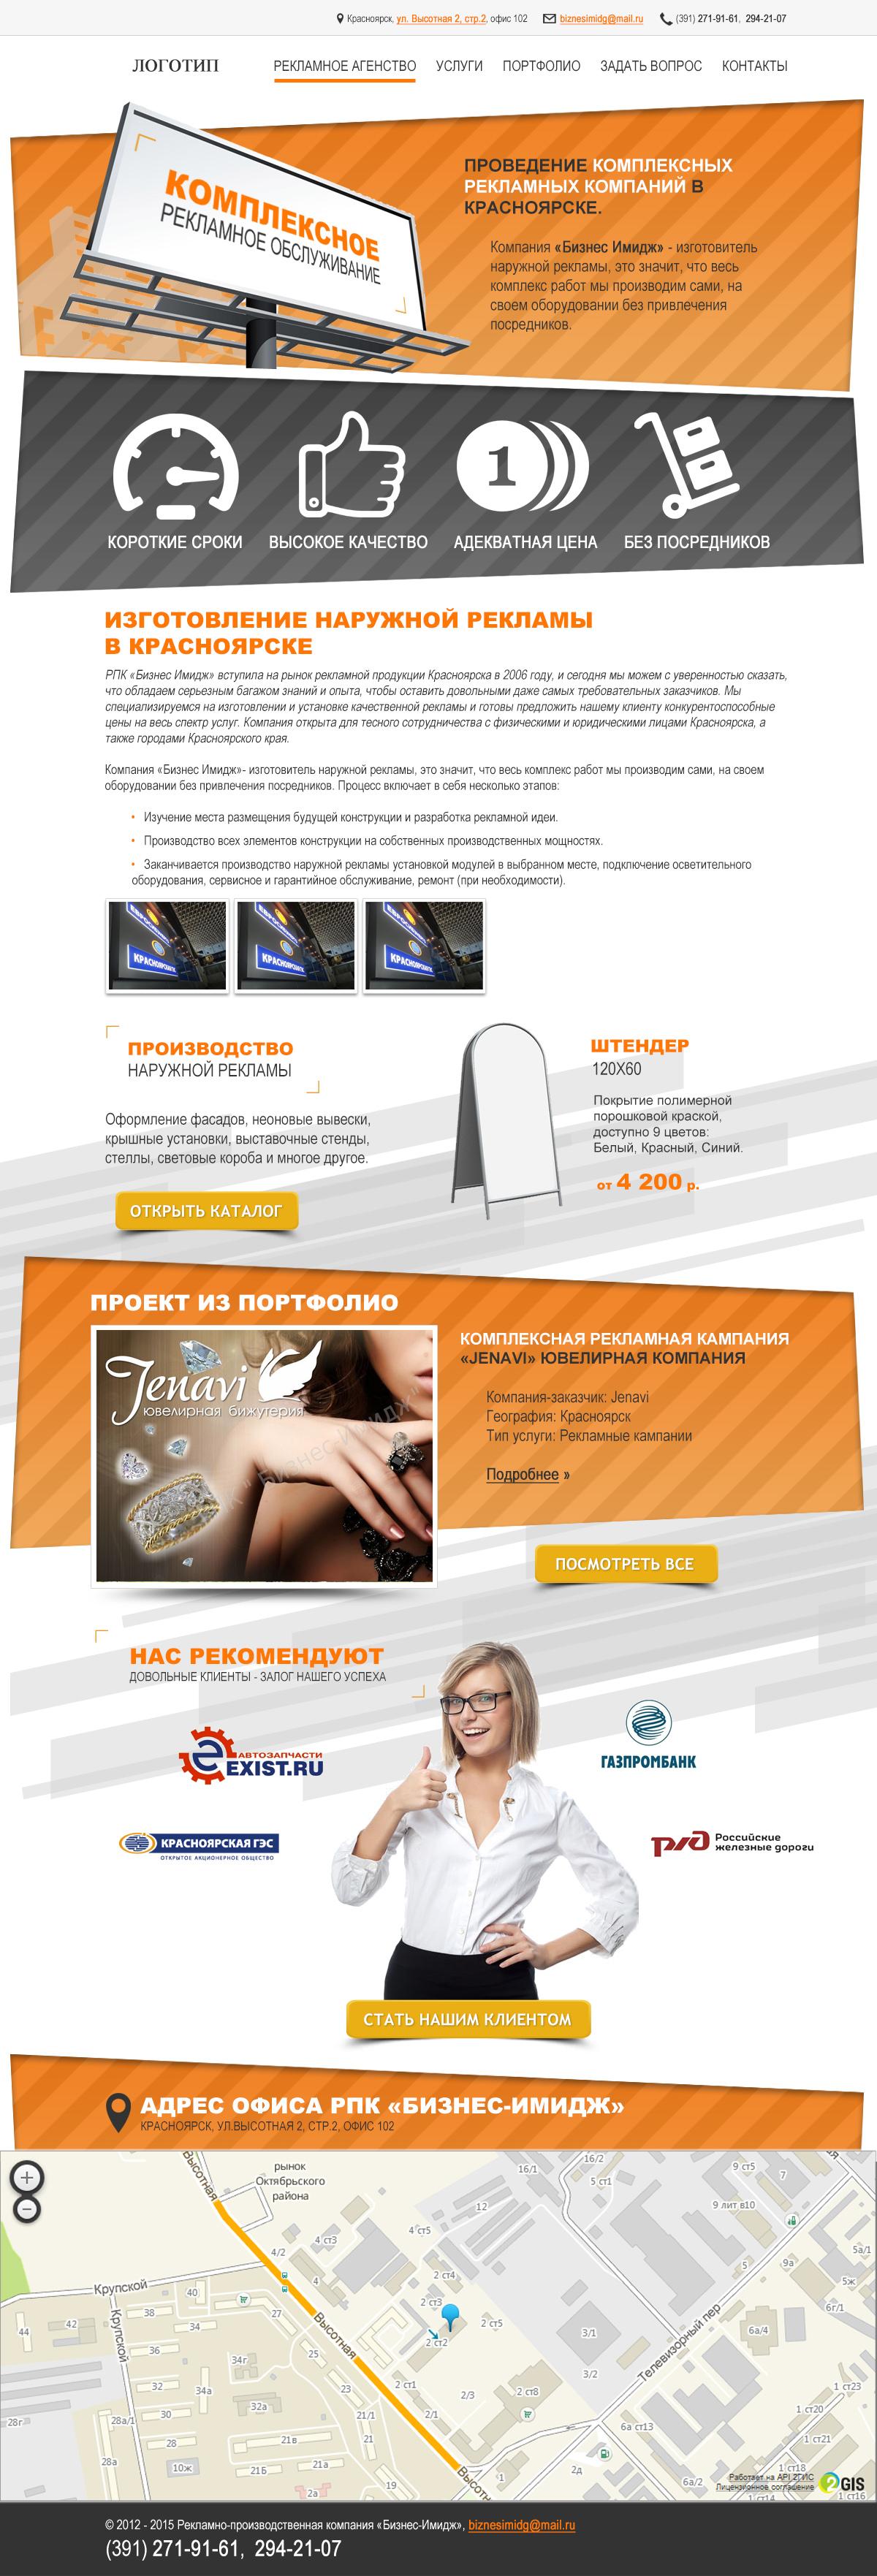 Реклама сайта шаблон антиреклама бесплатно скачать для яндекса без регистрации